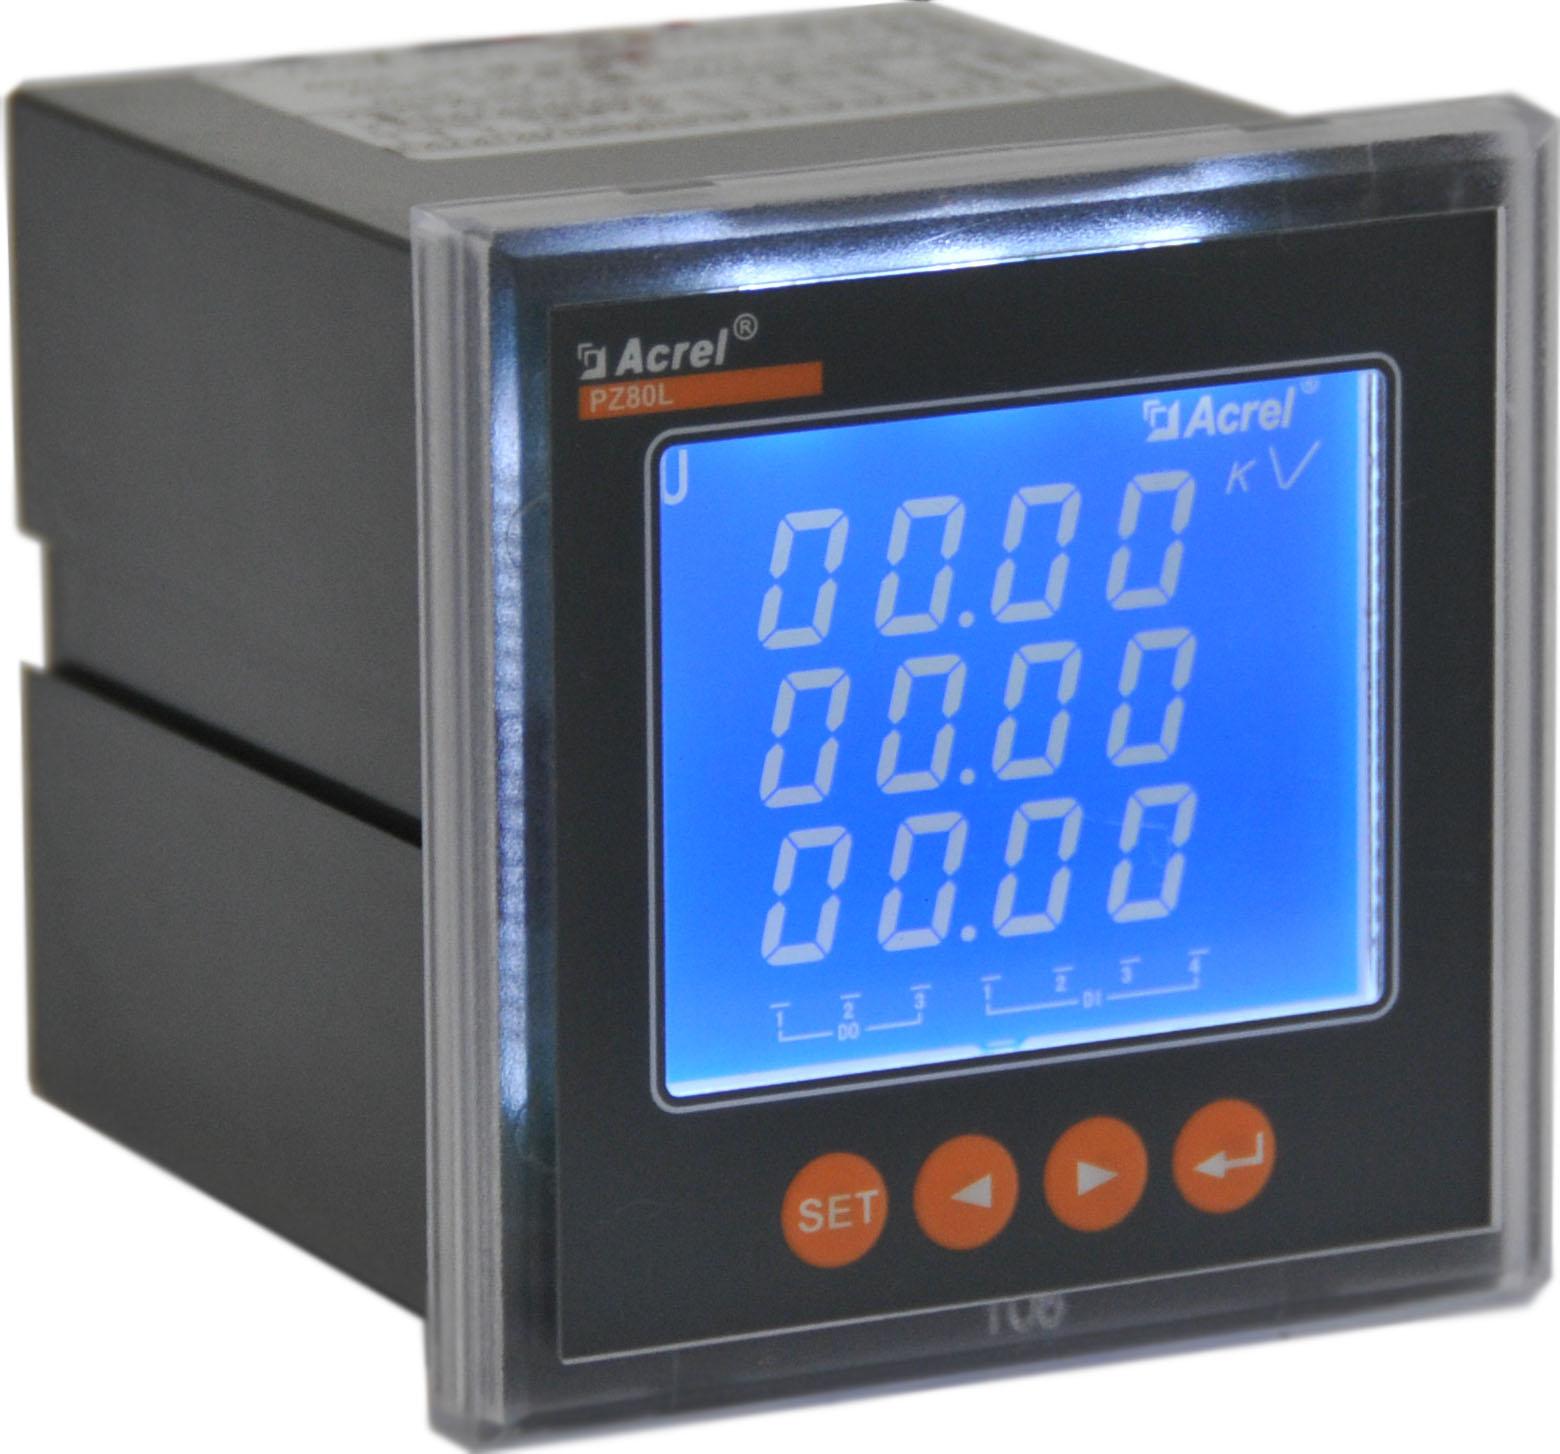 安科瑞 厂家直销 PZ80L-E4/J 声光报警 电能表 多功能表 包邮